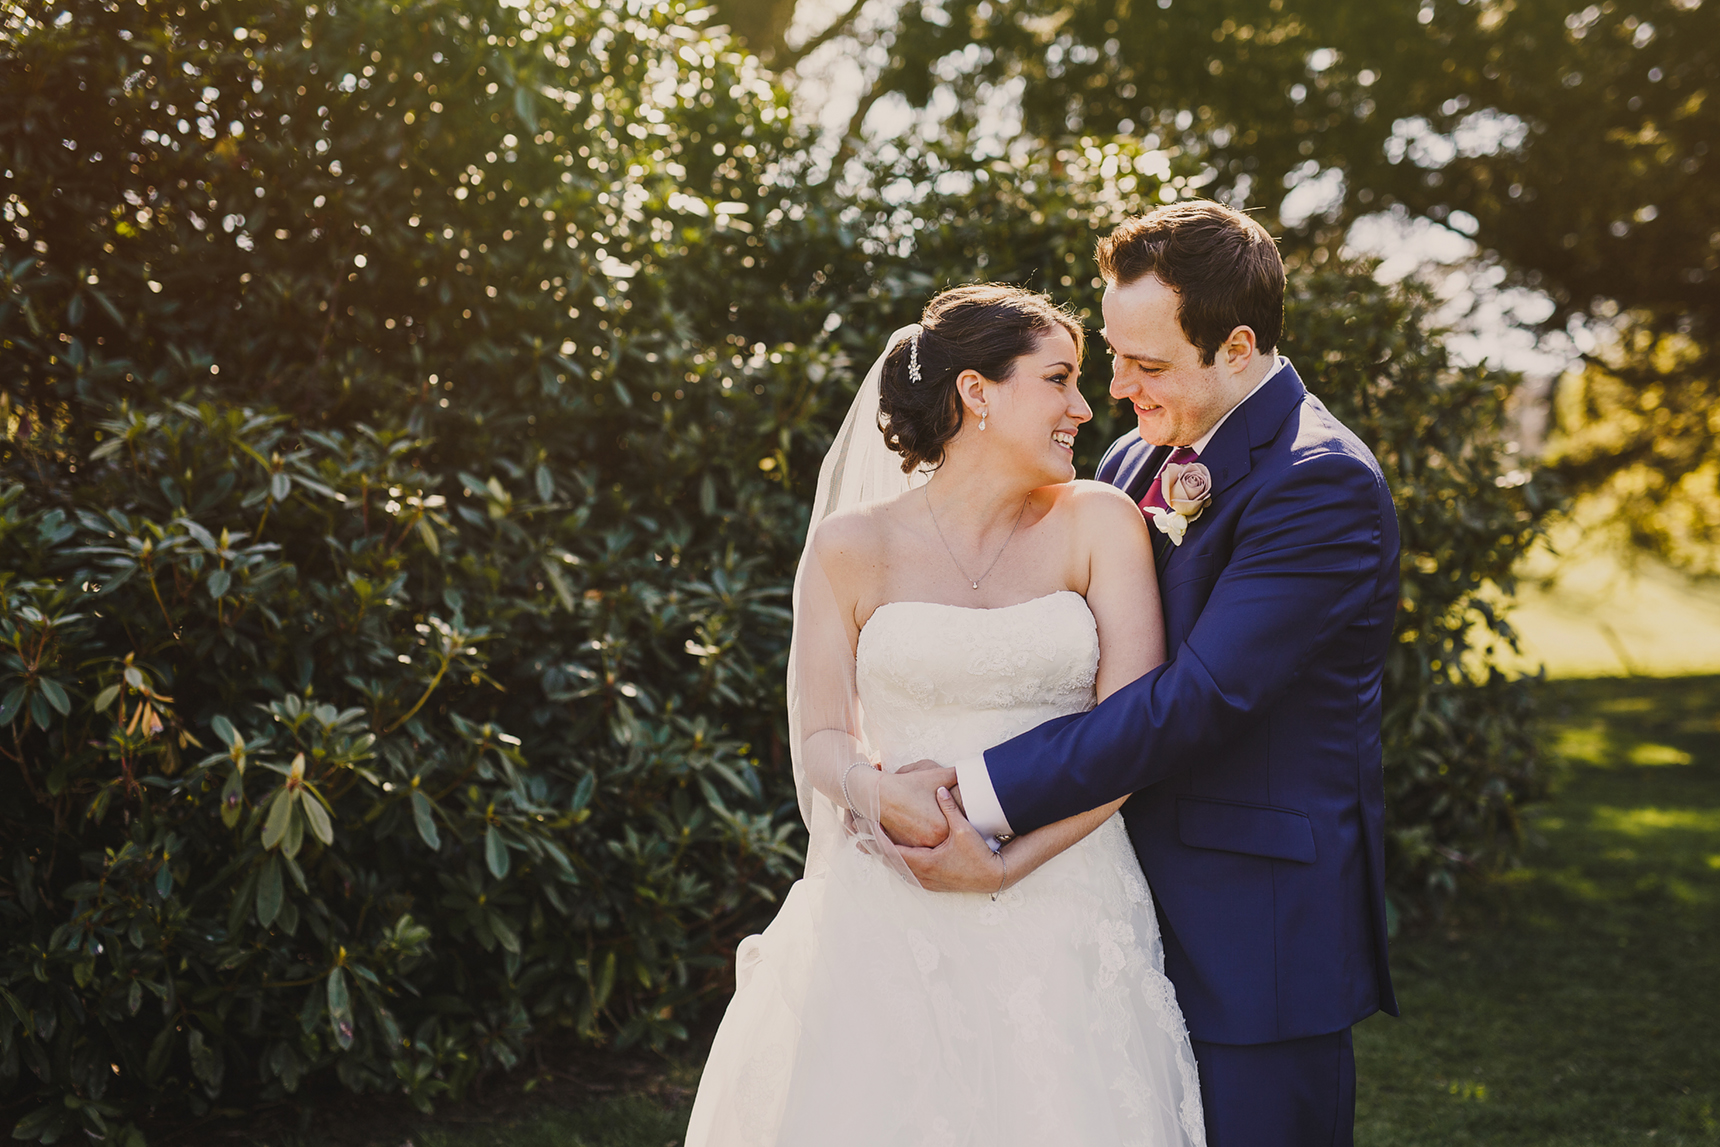 Wedding Photographer Swinton Park